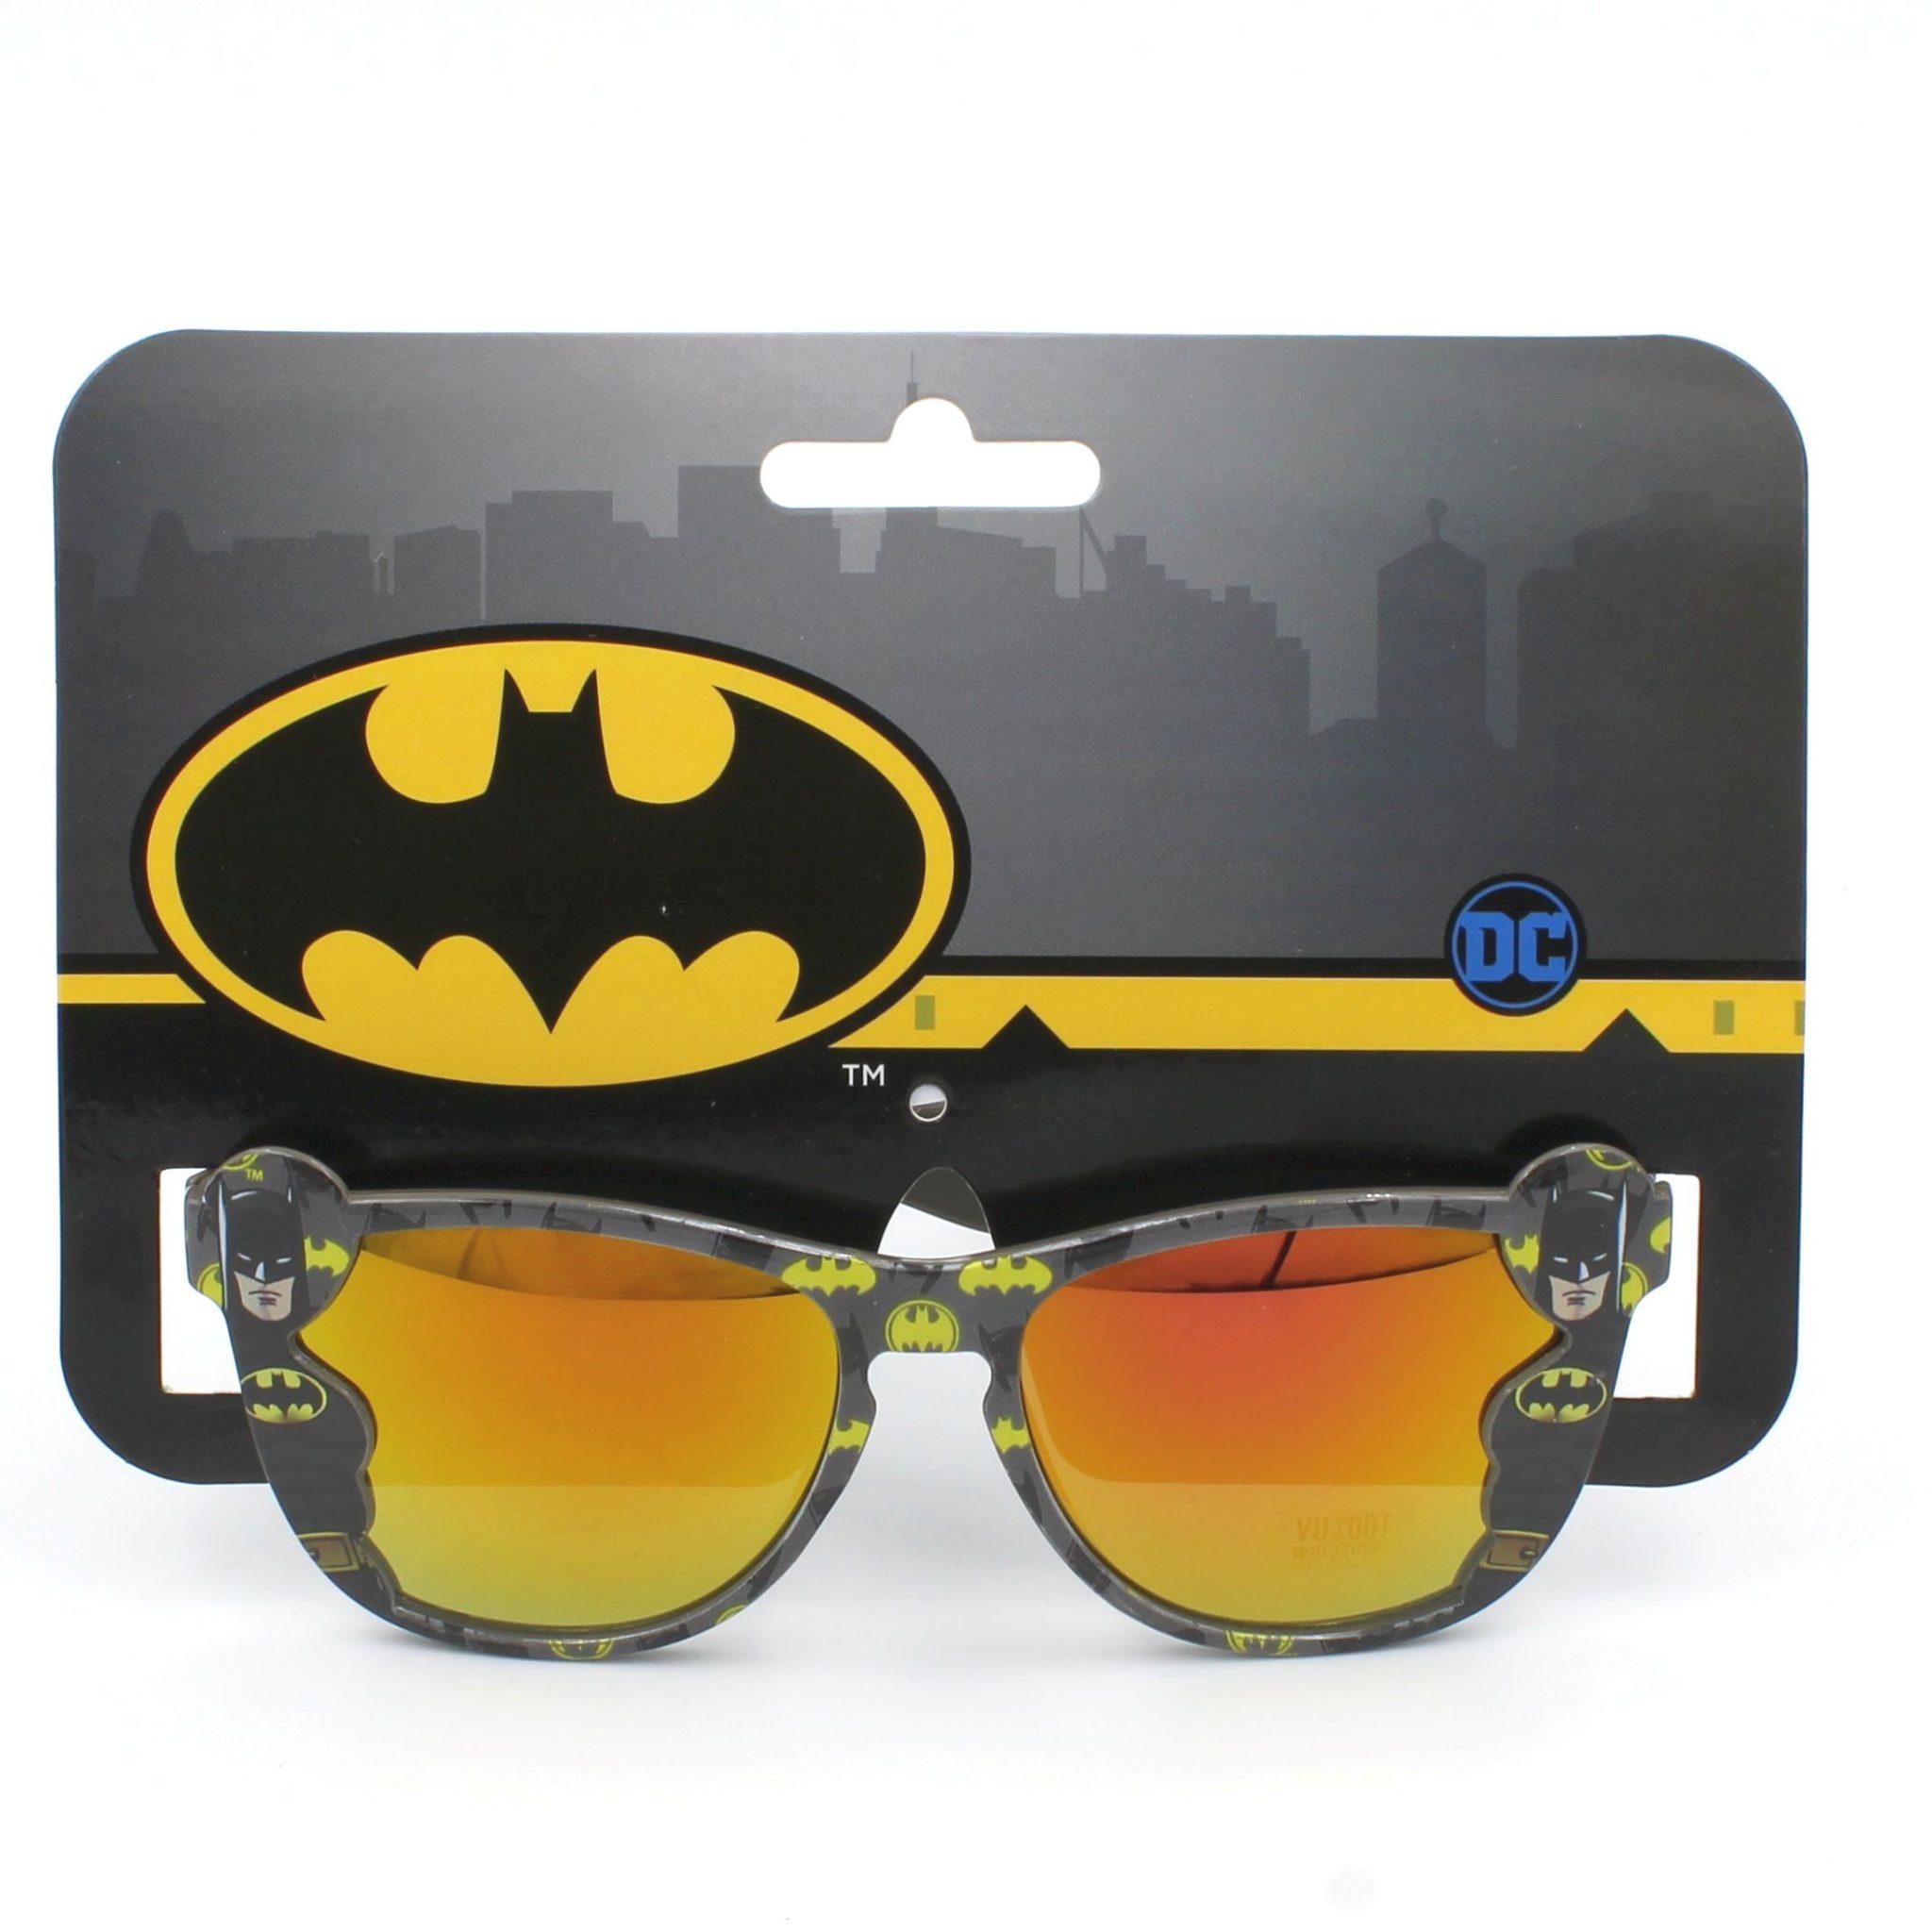 Ochelari soare pentru copii Batman DC